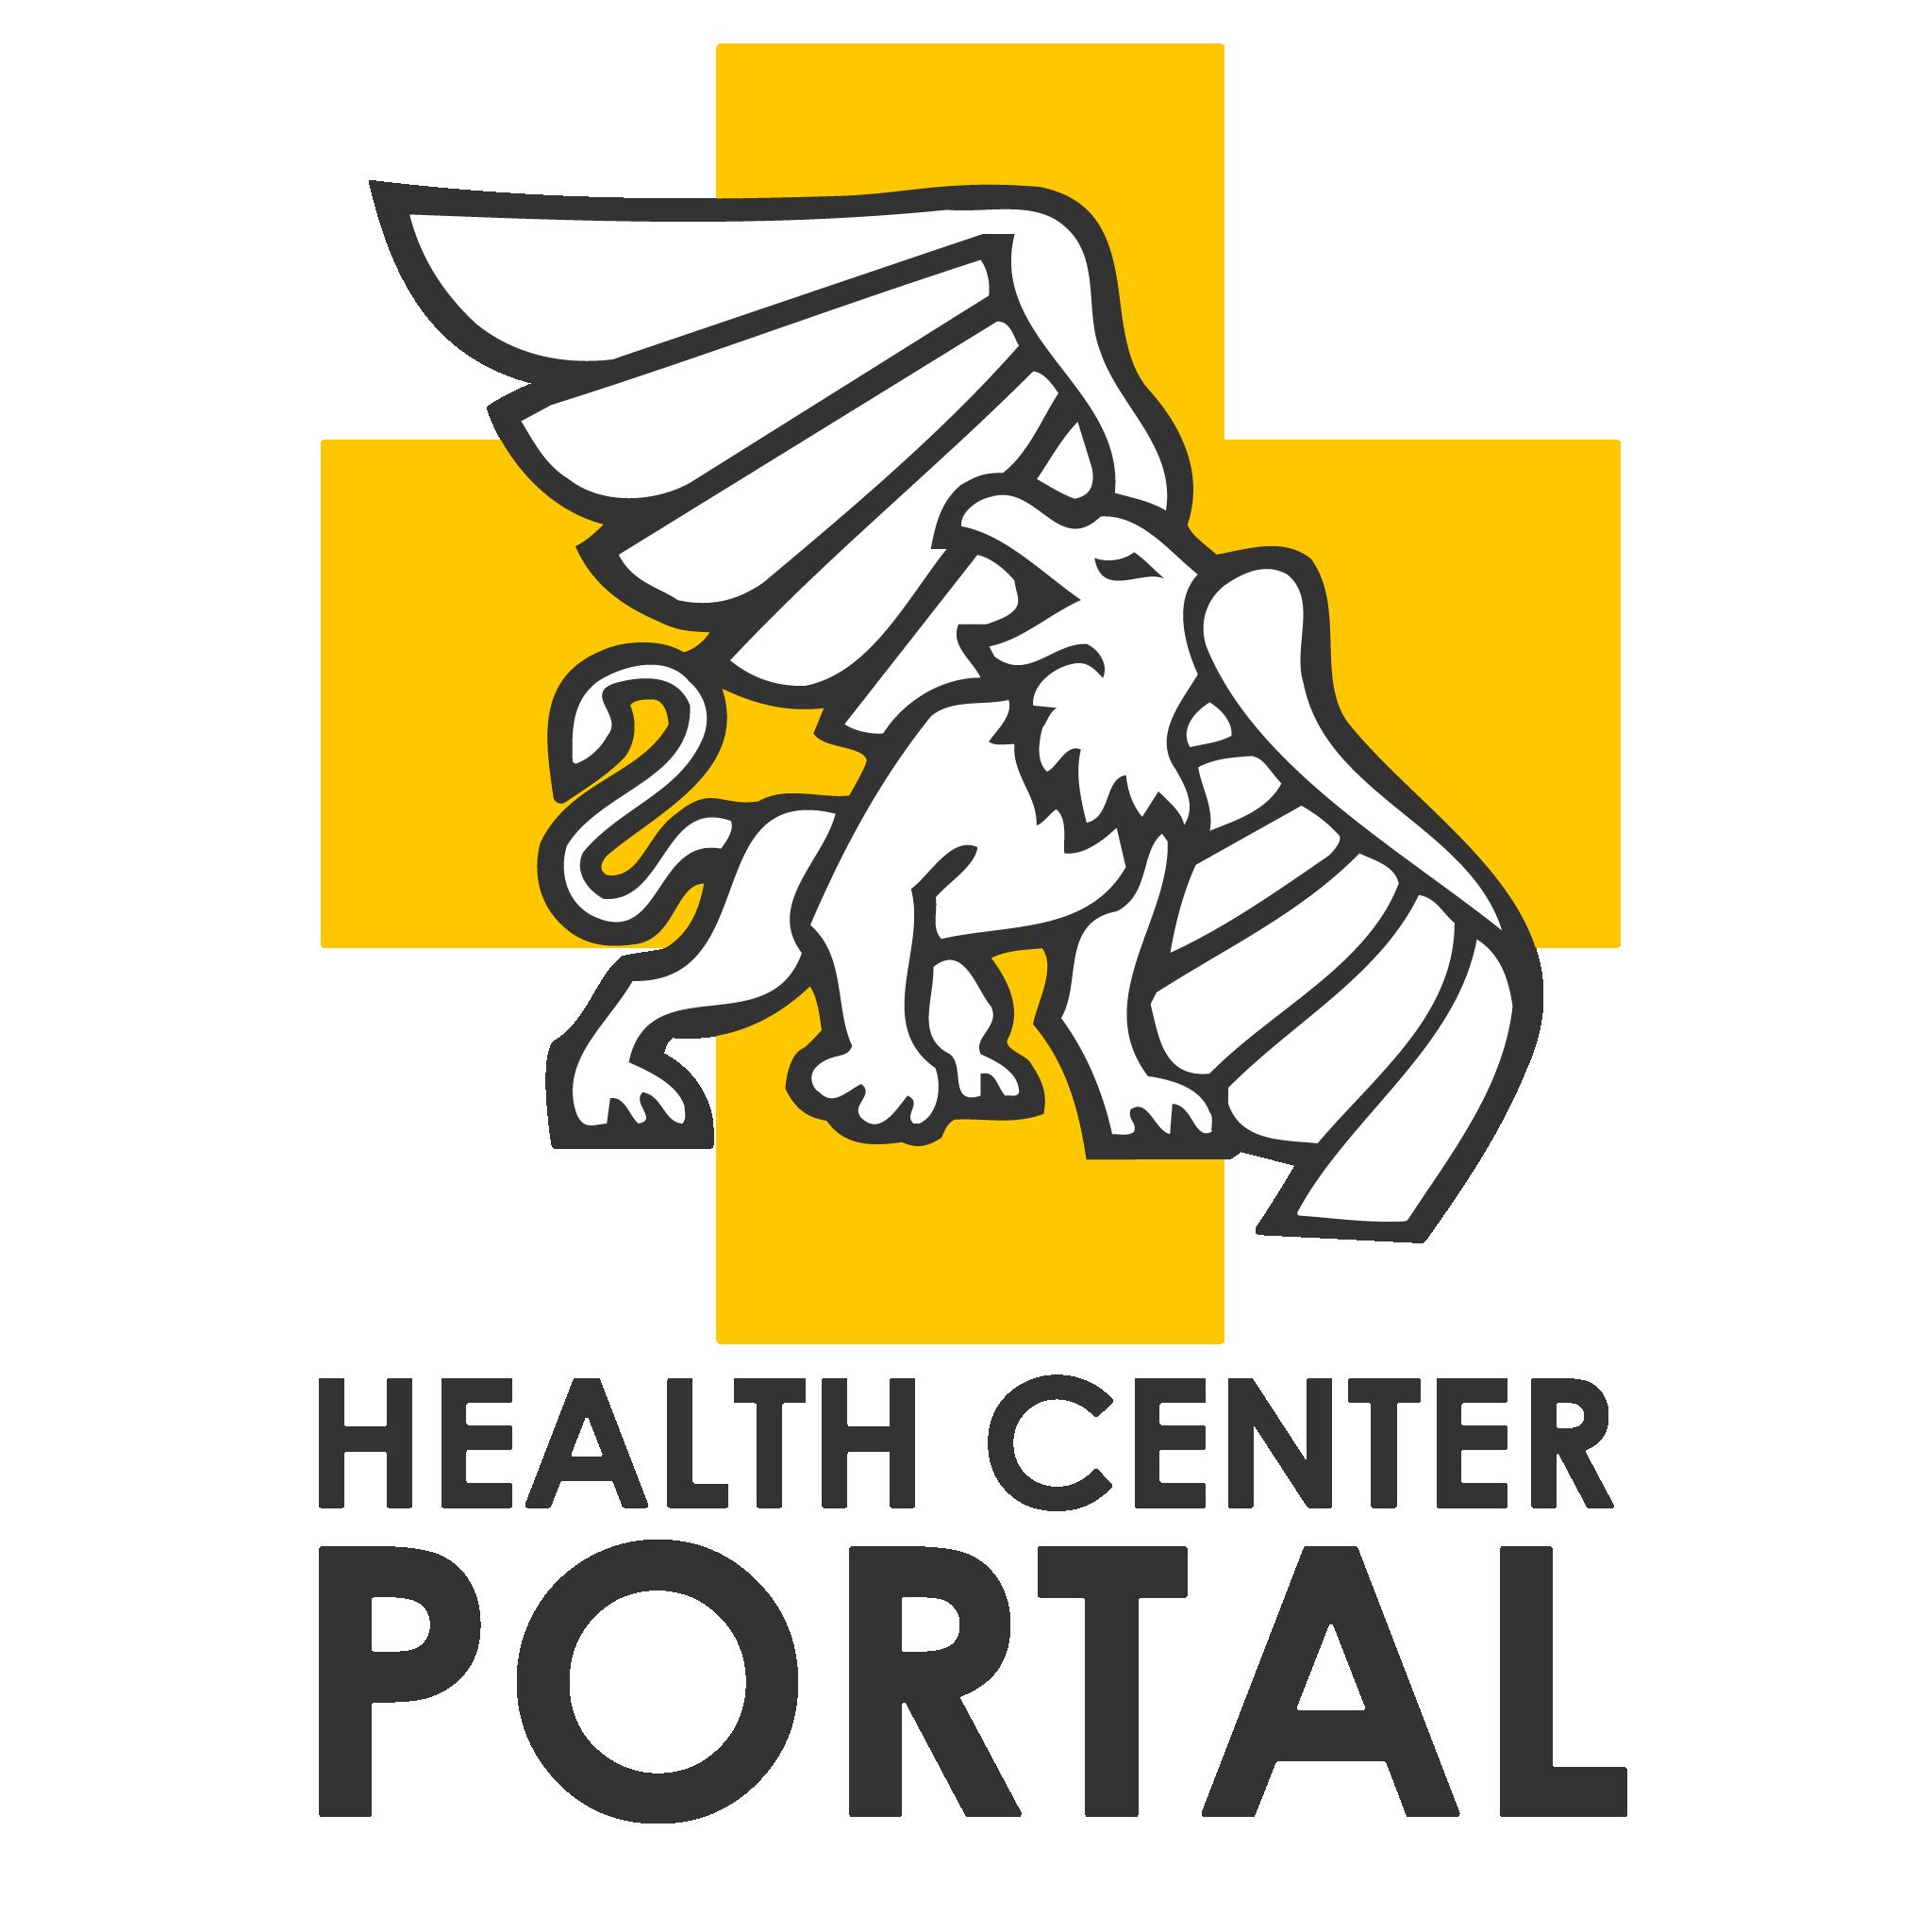 griffon health center portal logo